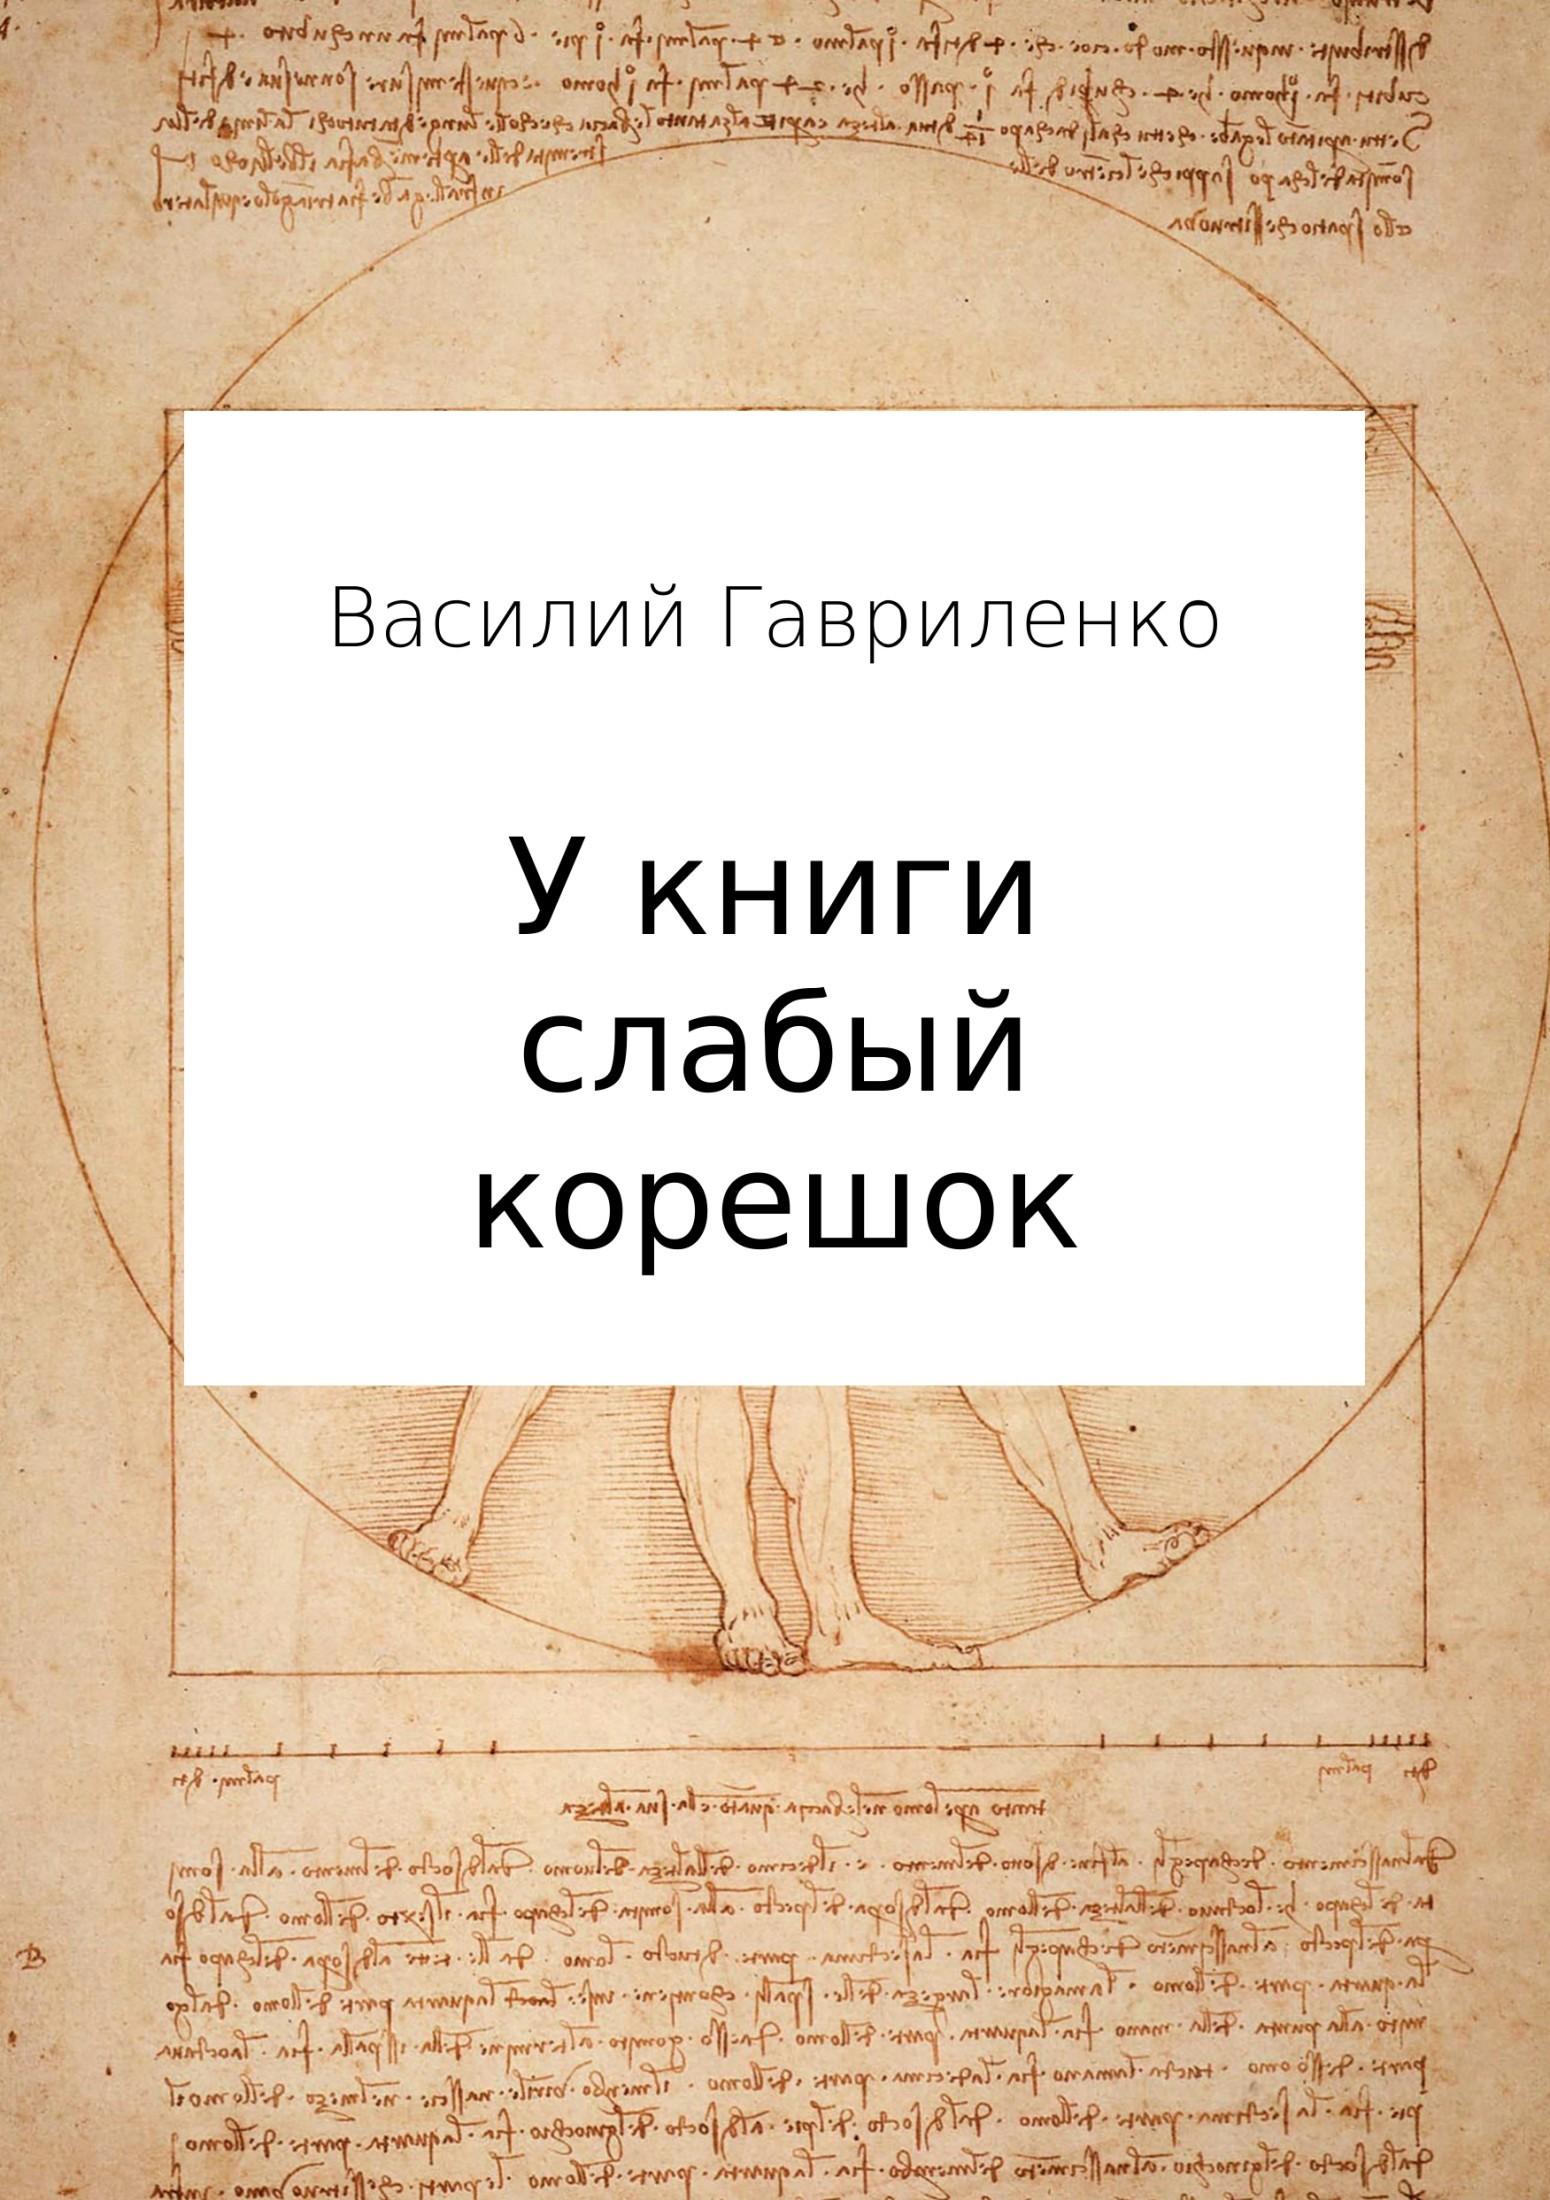 Василий Дмитриевич Гавриленко бесплатно